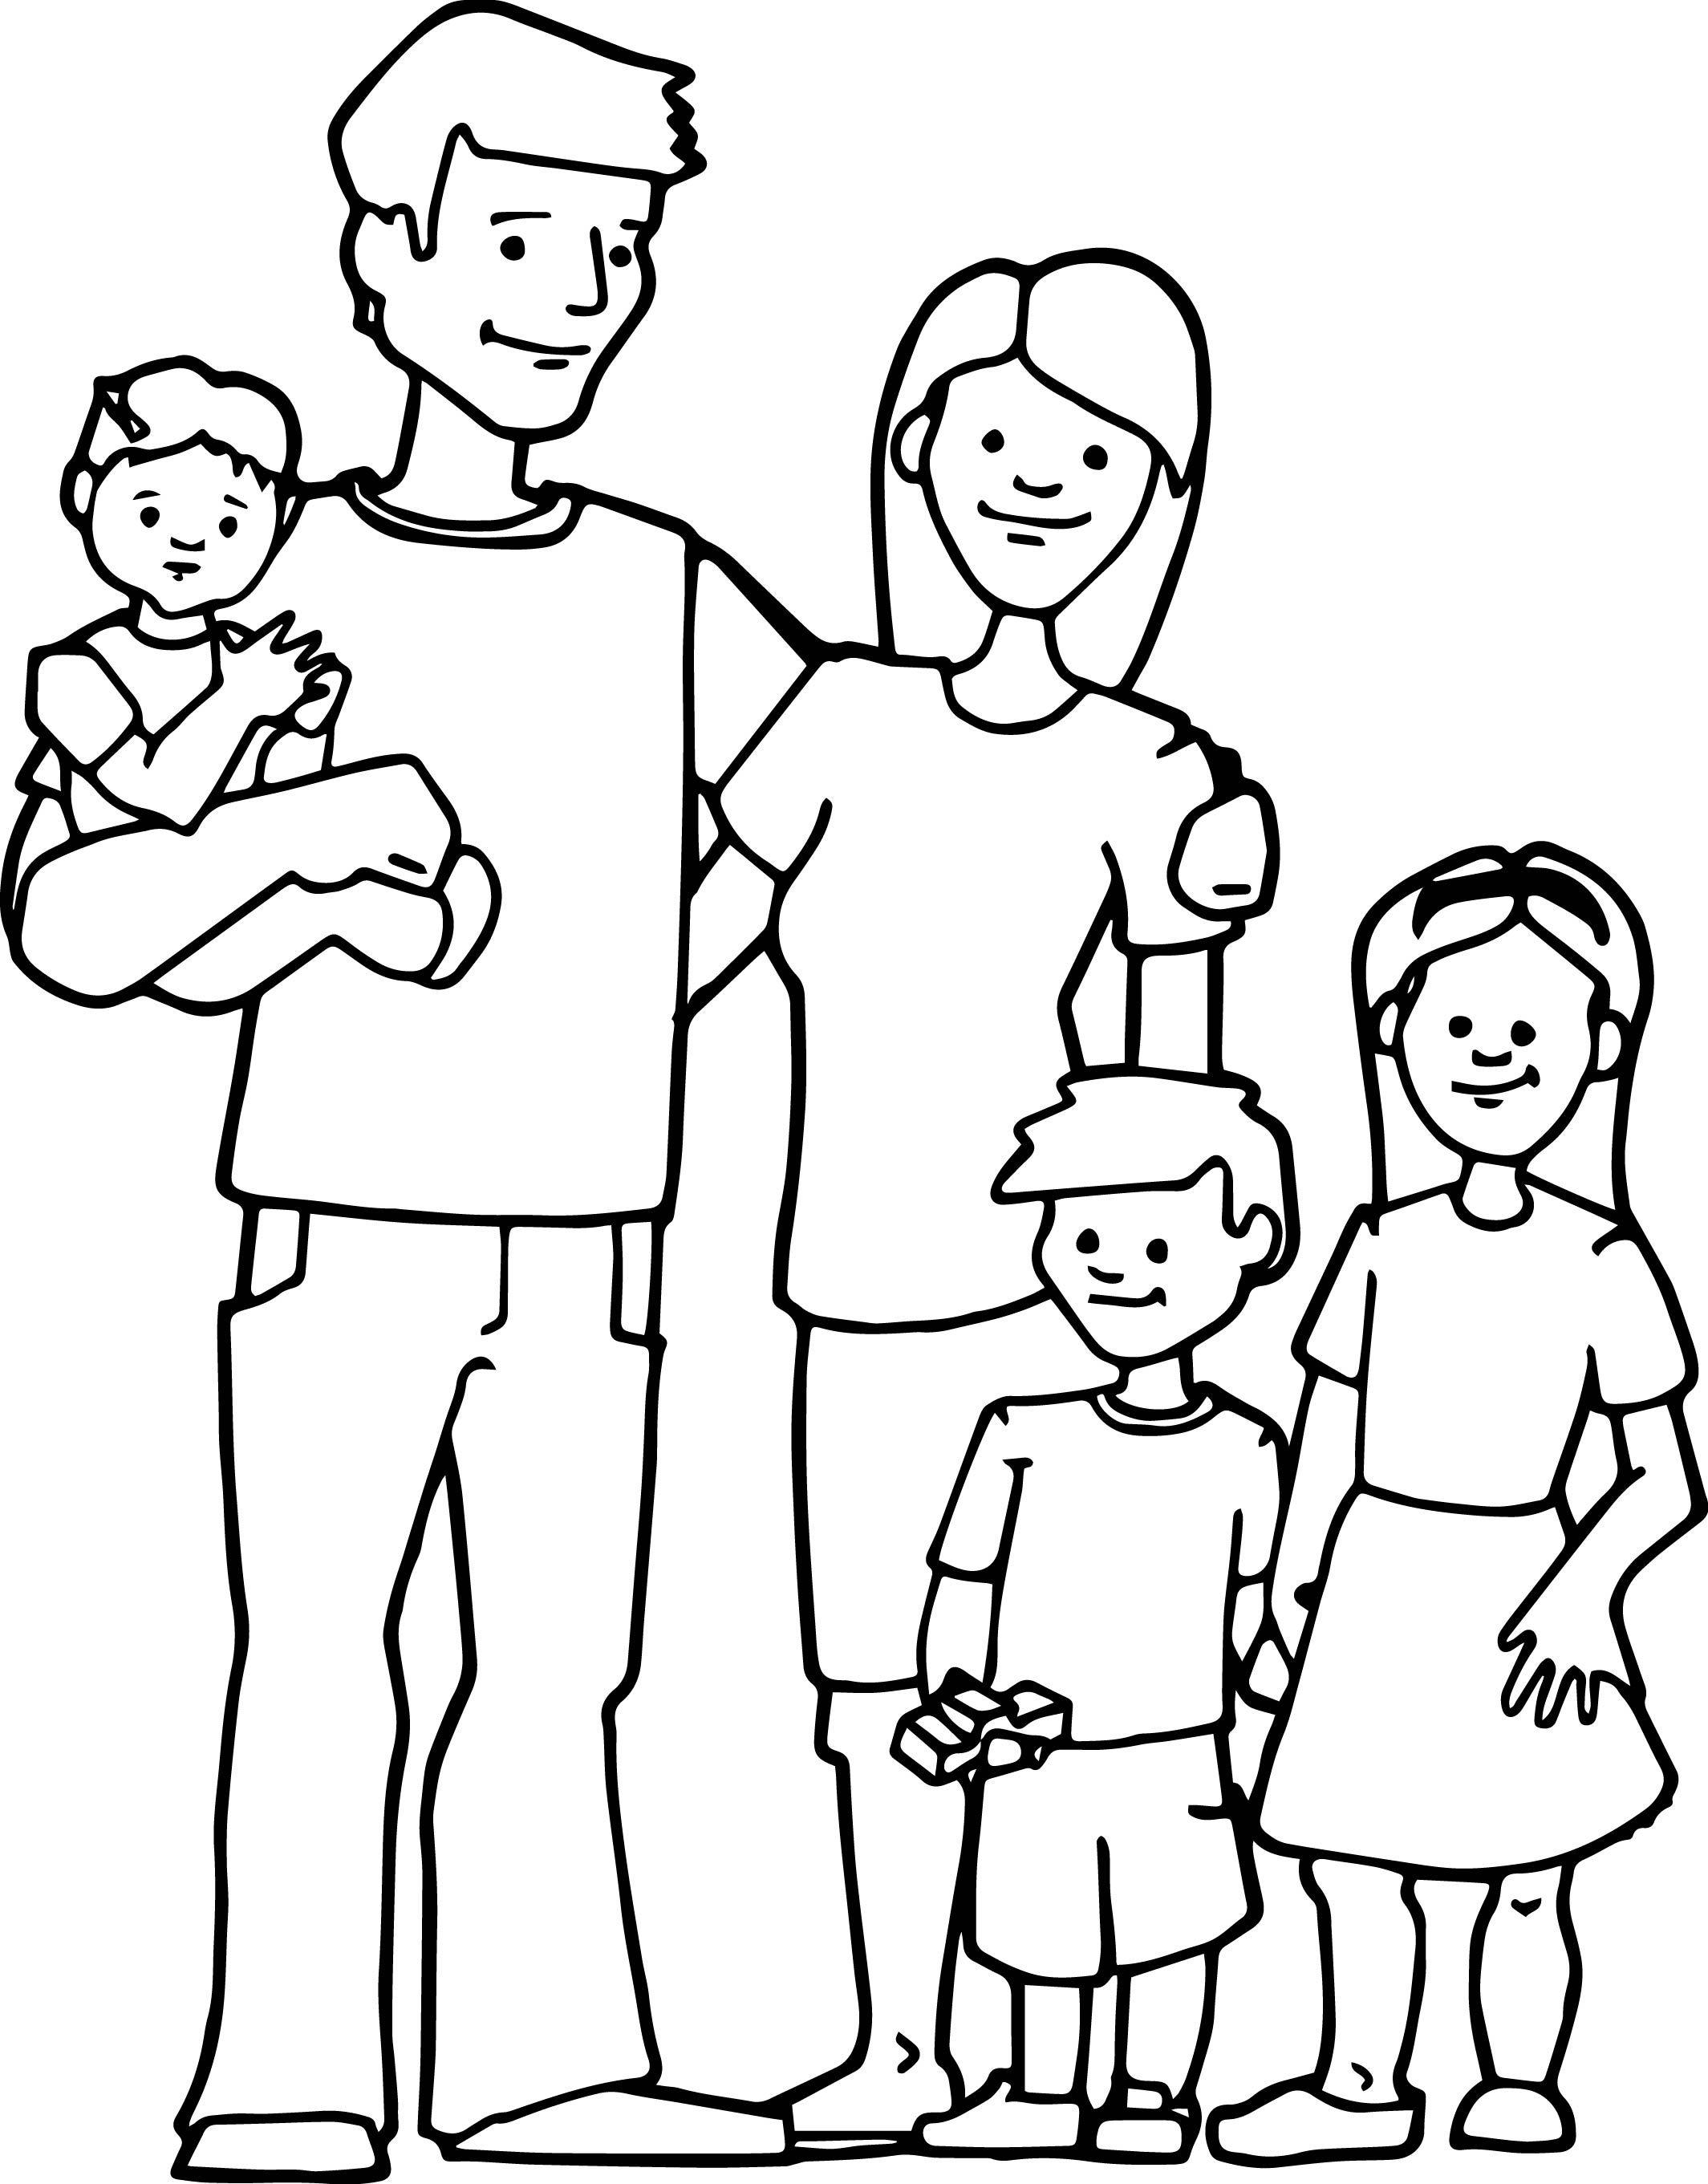 Hình tập tô màu gia đình vui vẻ